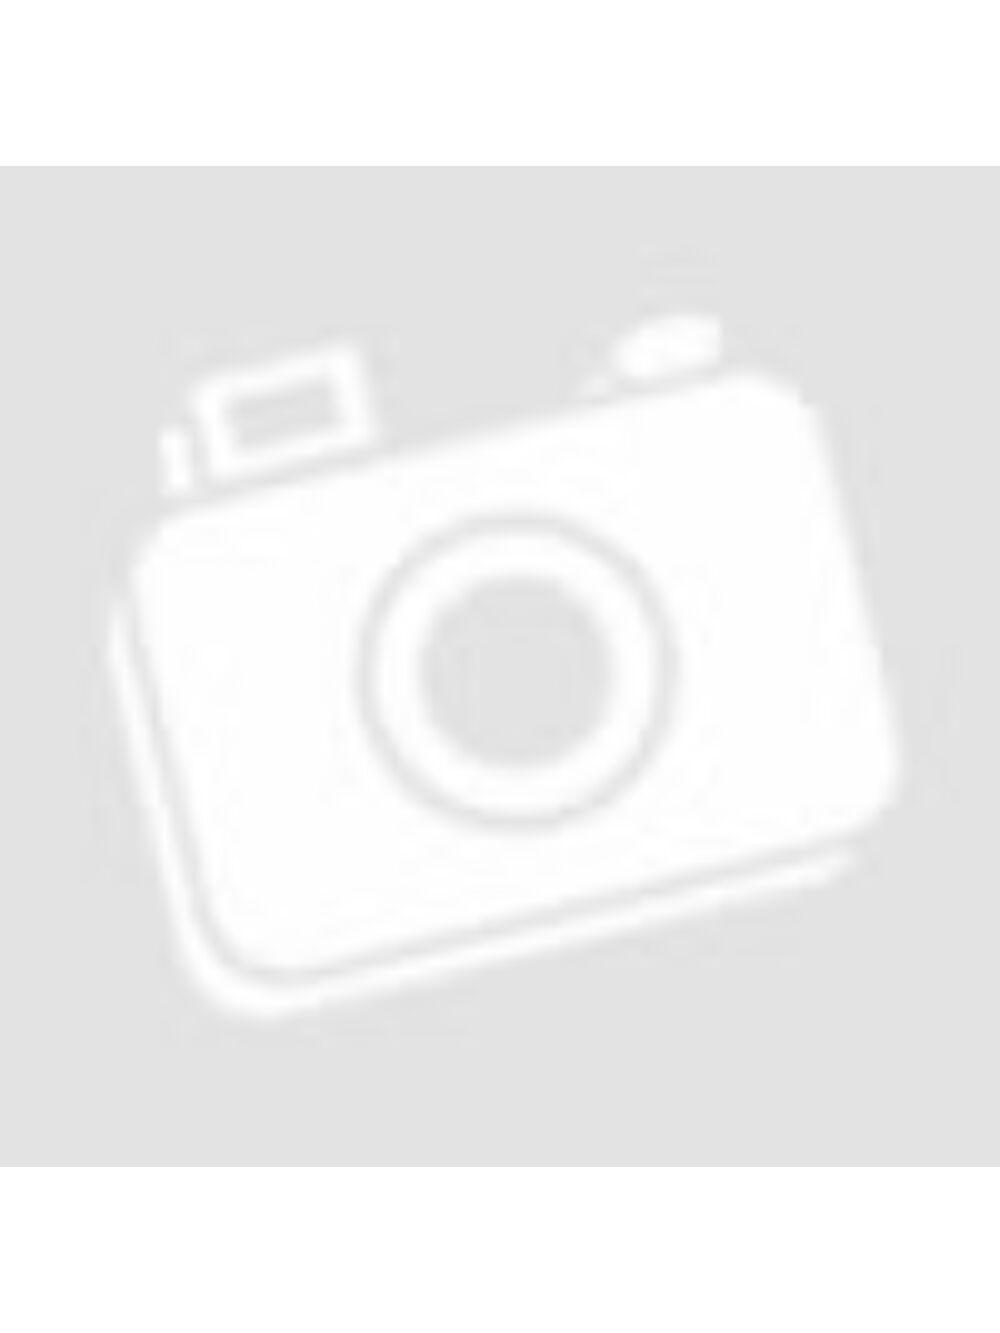 Katicás tábla betűző*3 - piros